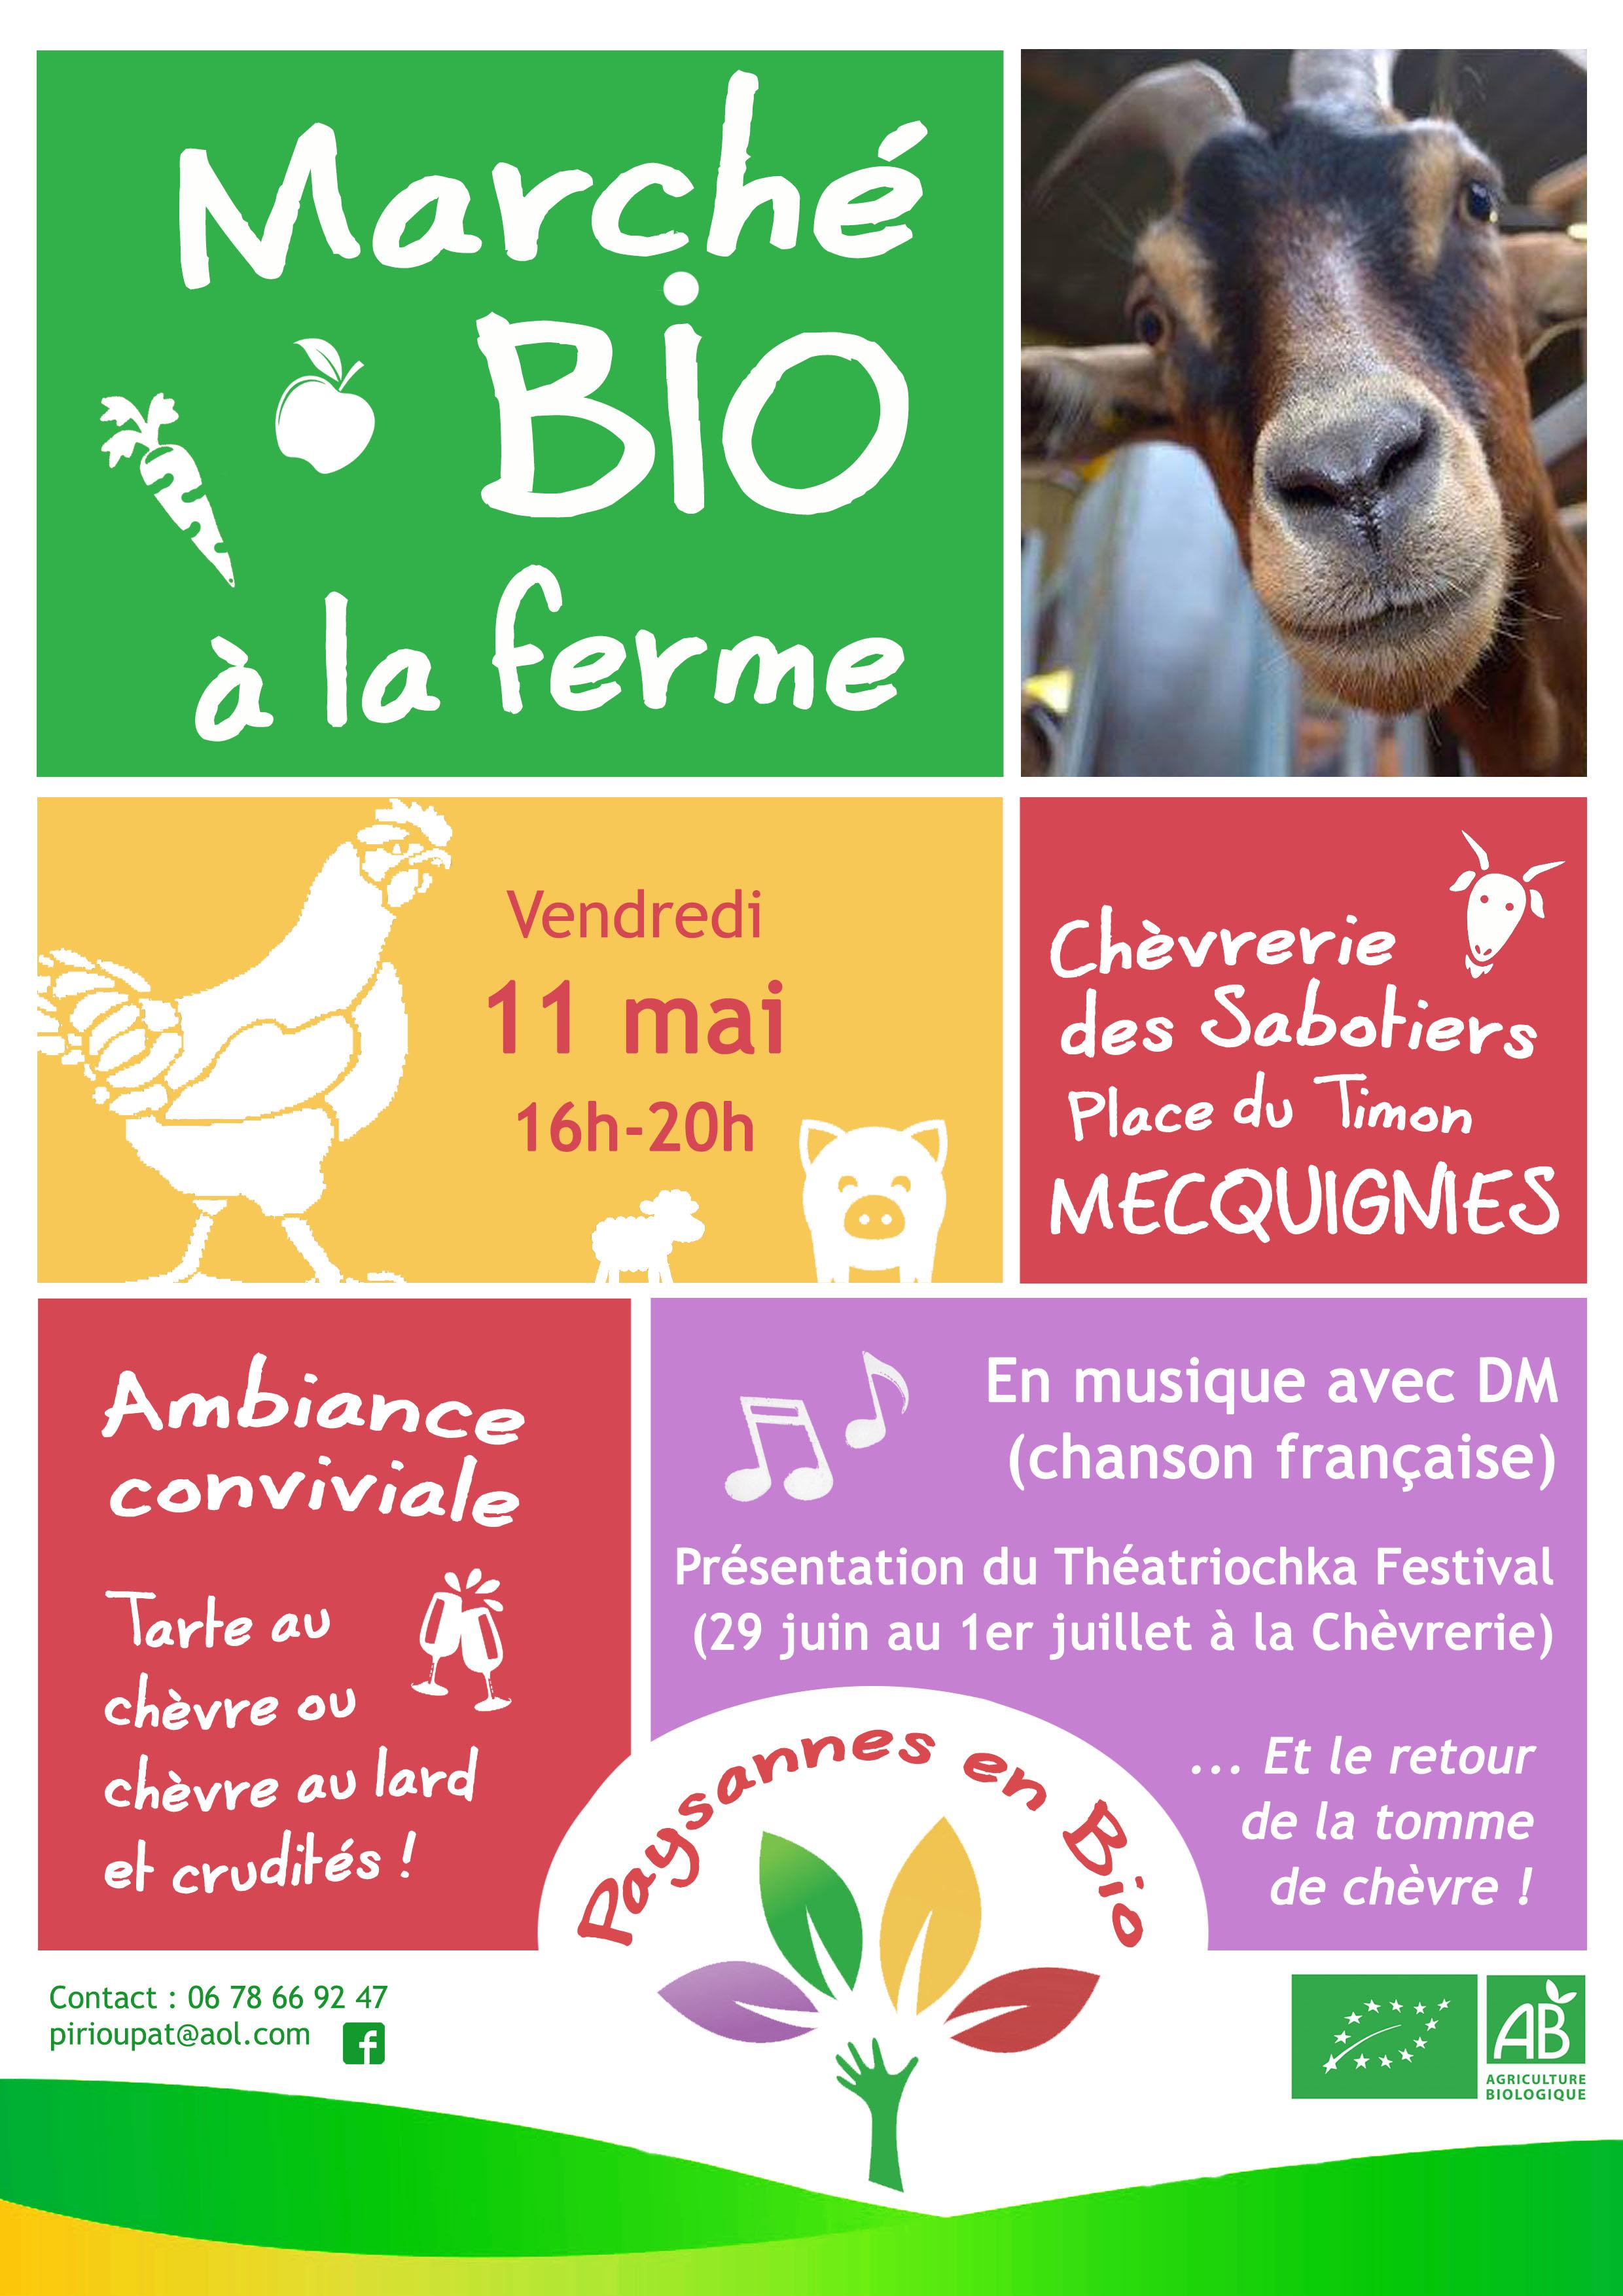 Marché bio à la ferme vendredi 11 mai à la Chèvrerie des Sabotiers de Mecquignies